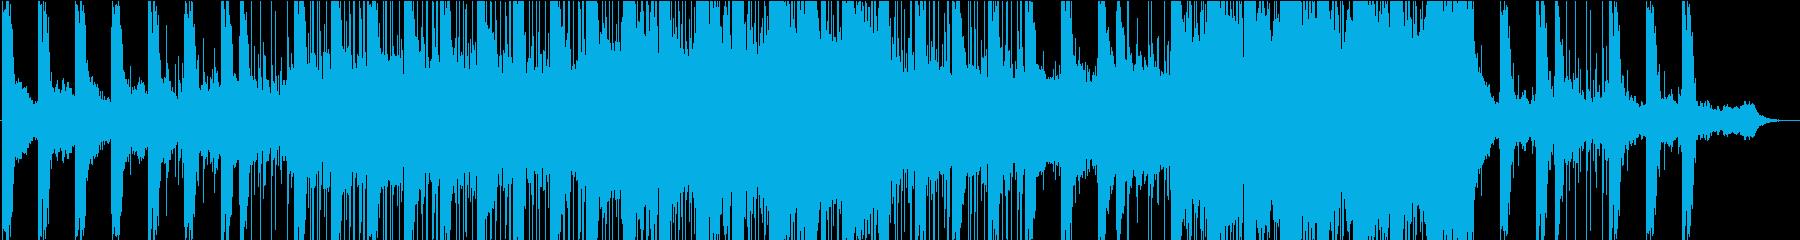 柔らかくスローに揺れるアンビエントの再生済みの波形